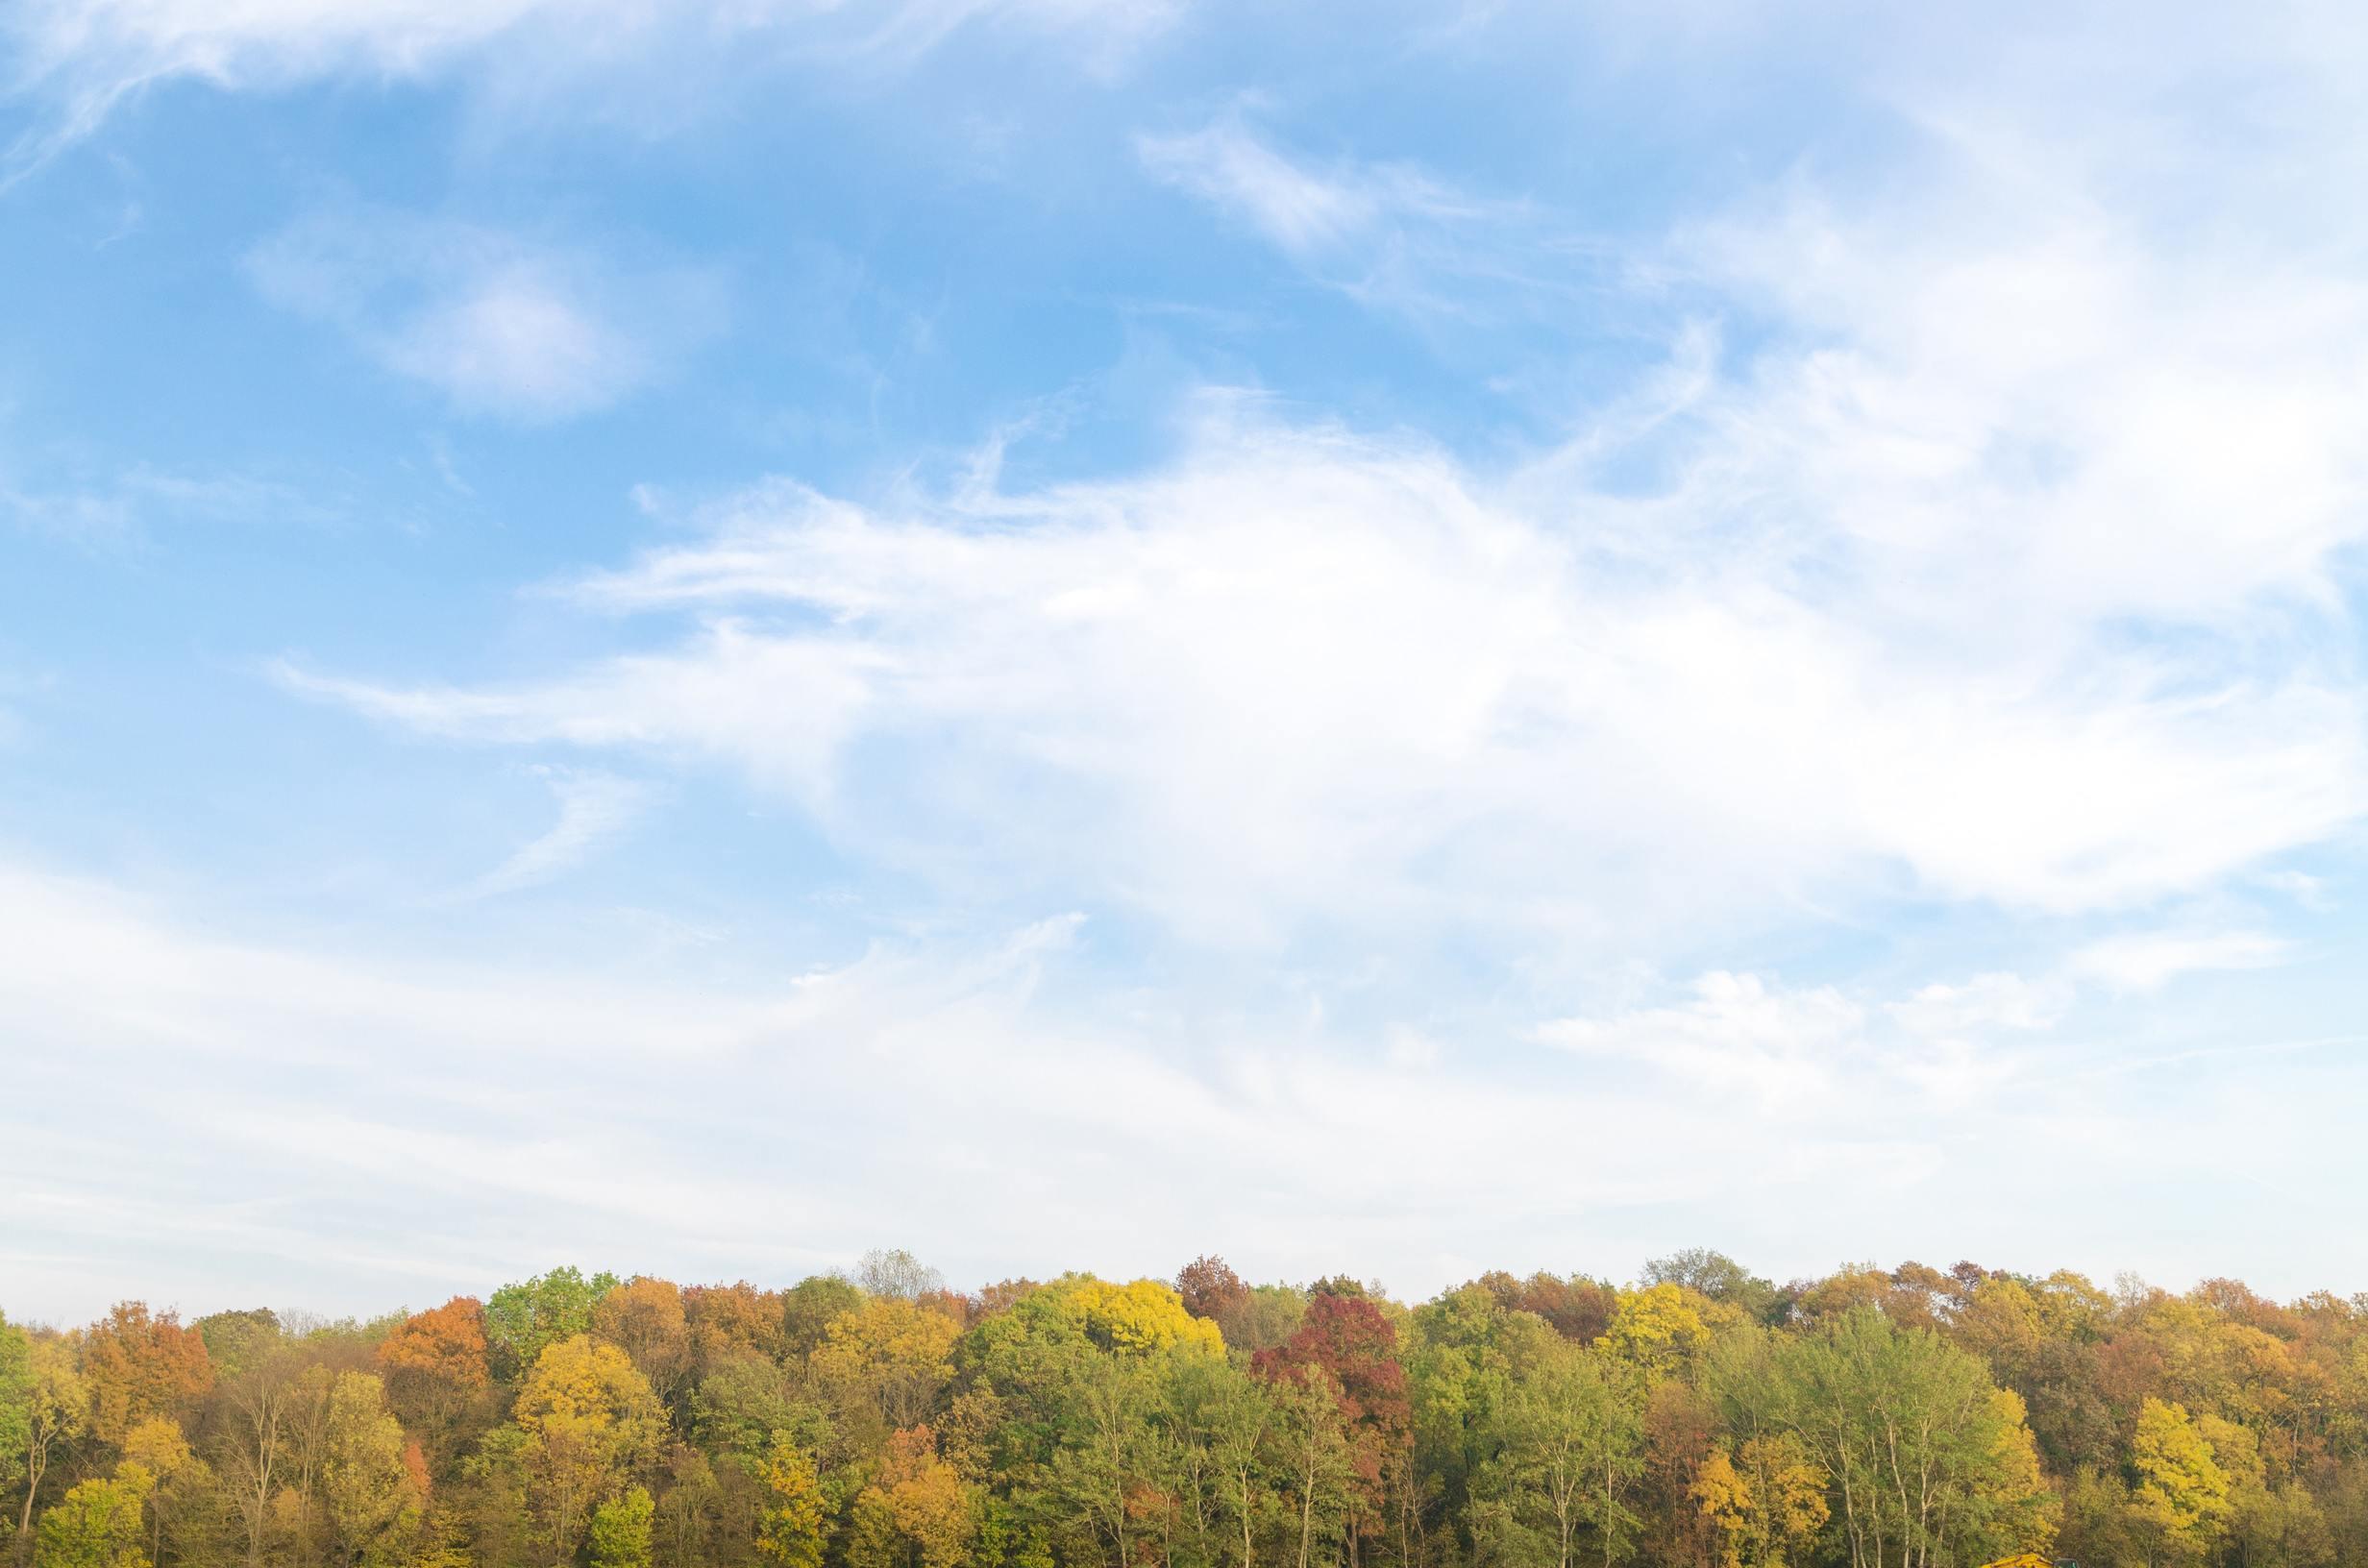 Hình ảnh bầu trời xanh mây trắng